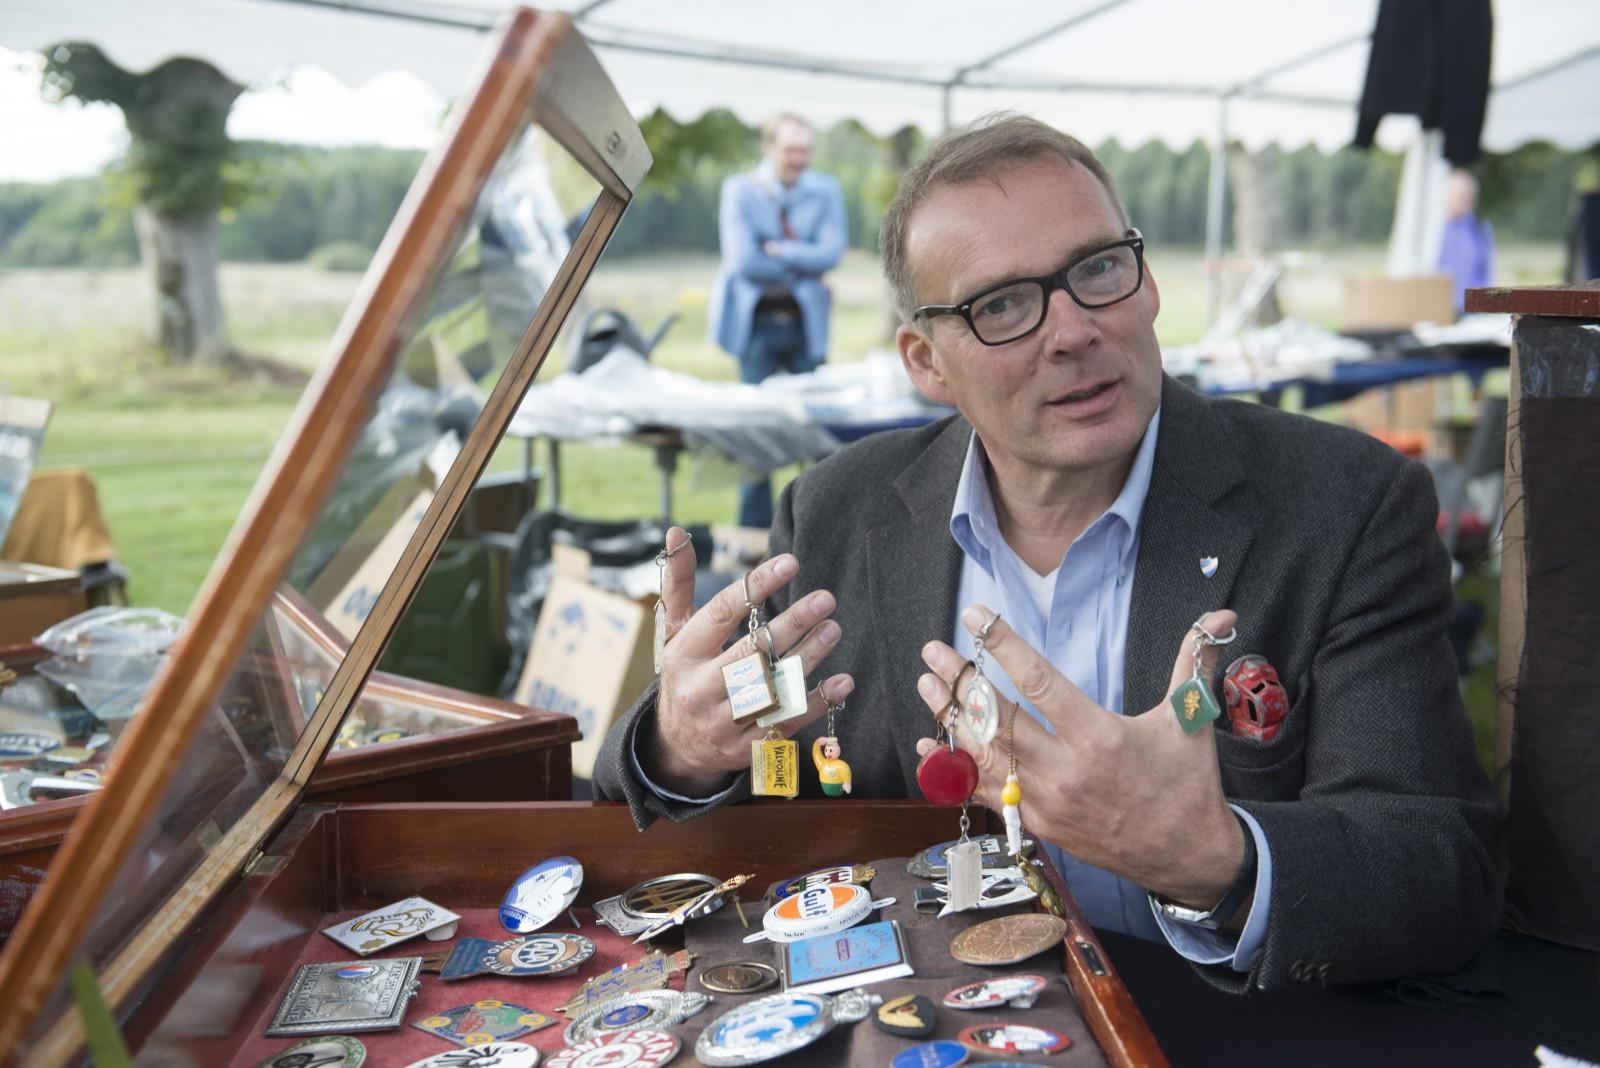 Mats Älfvåg har varit med och arrangerat flera automobiliamarknader tidigare. I samarbete med Good Old Vintage och Fröken Pralin kombinerar han nu motor med mode för första gången.